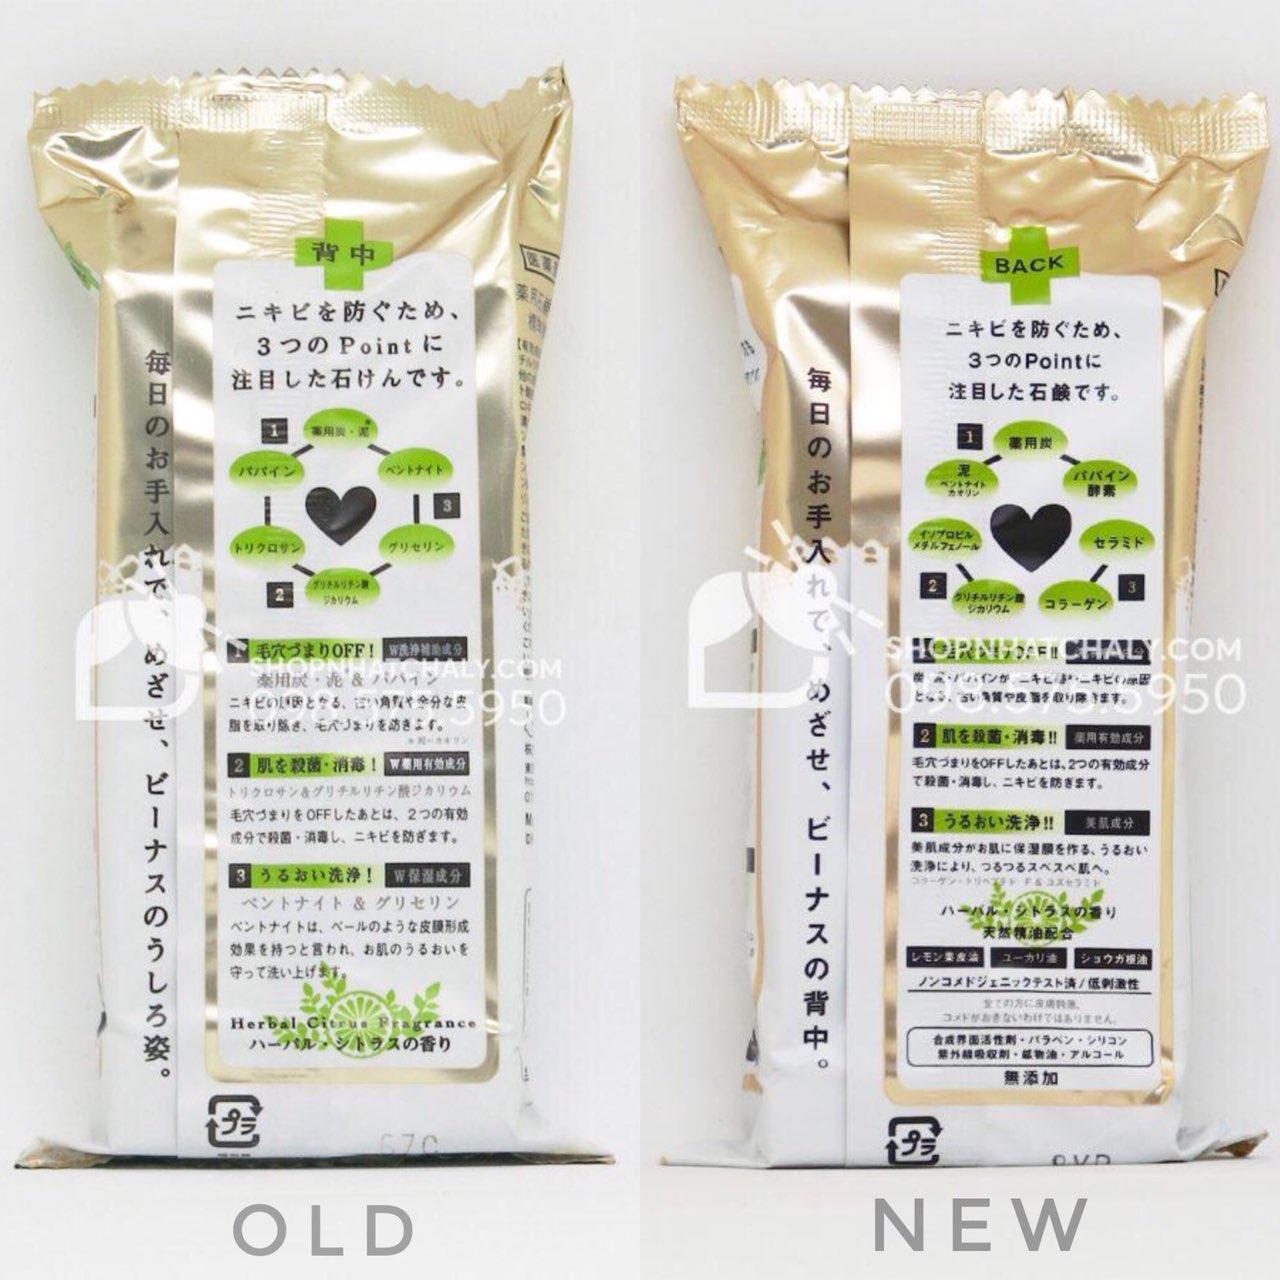 Mặt sau của xà phòng For Back trị viêm nang lông mẫu cũ (trái) và mẫu mới (phải)